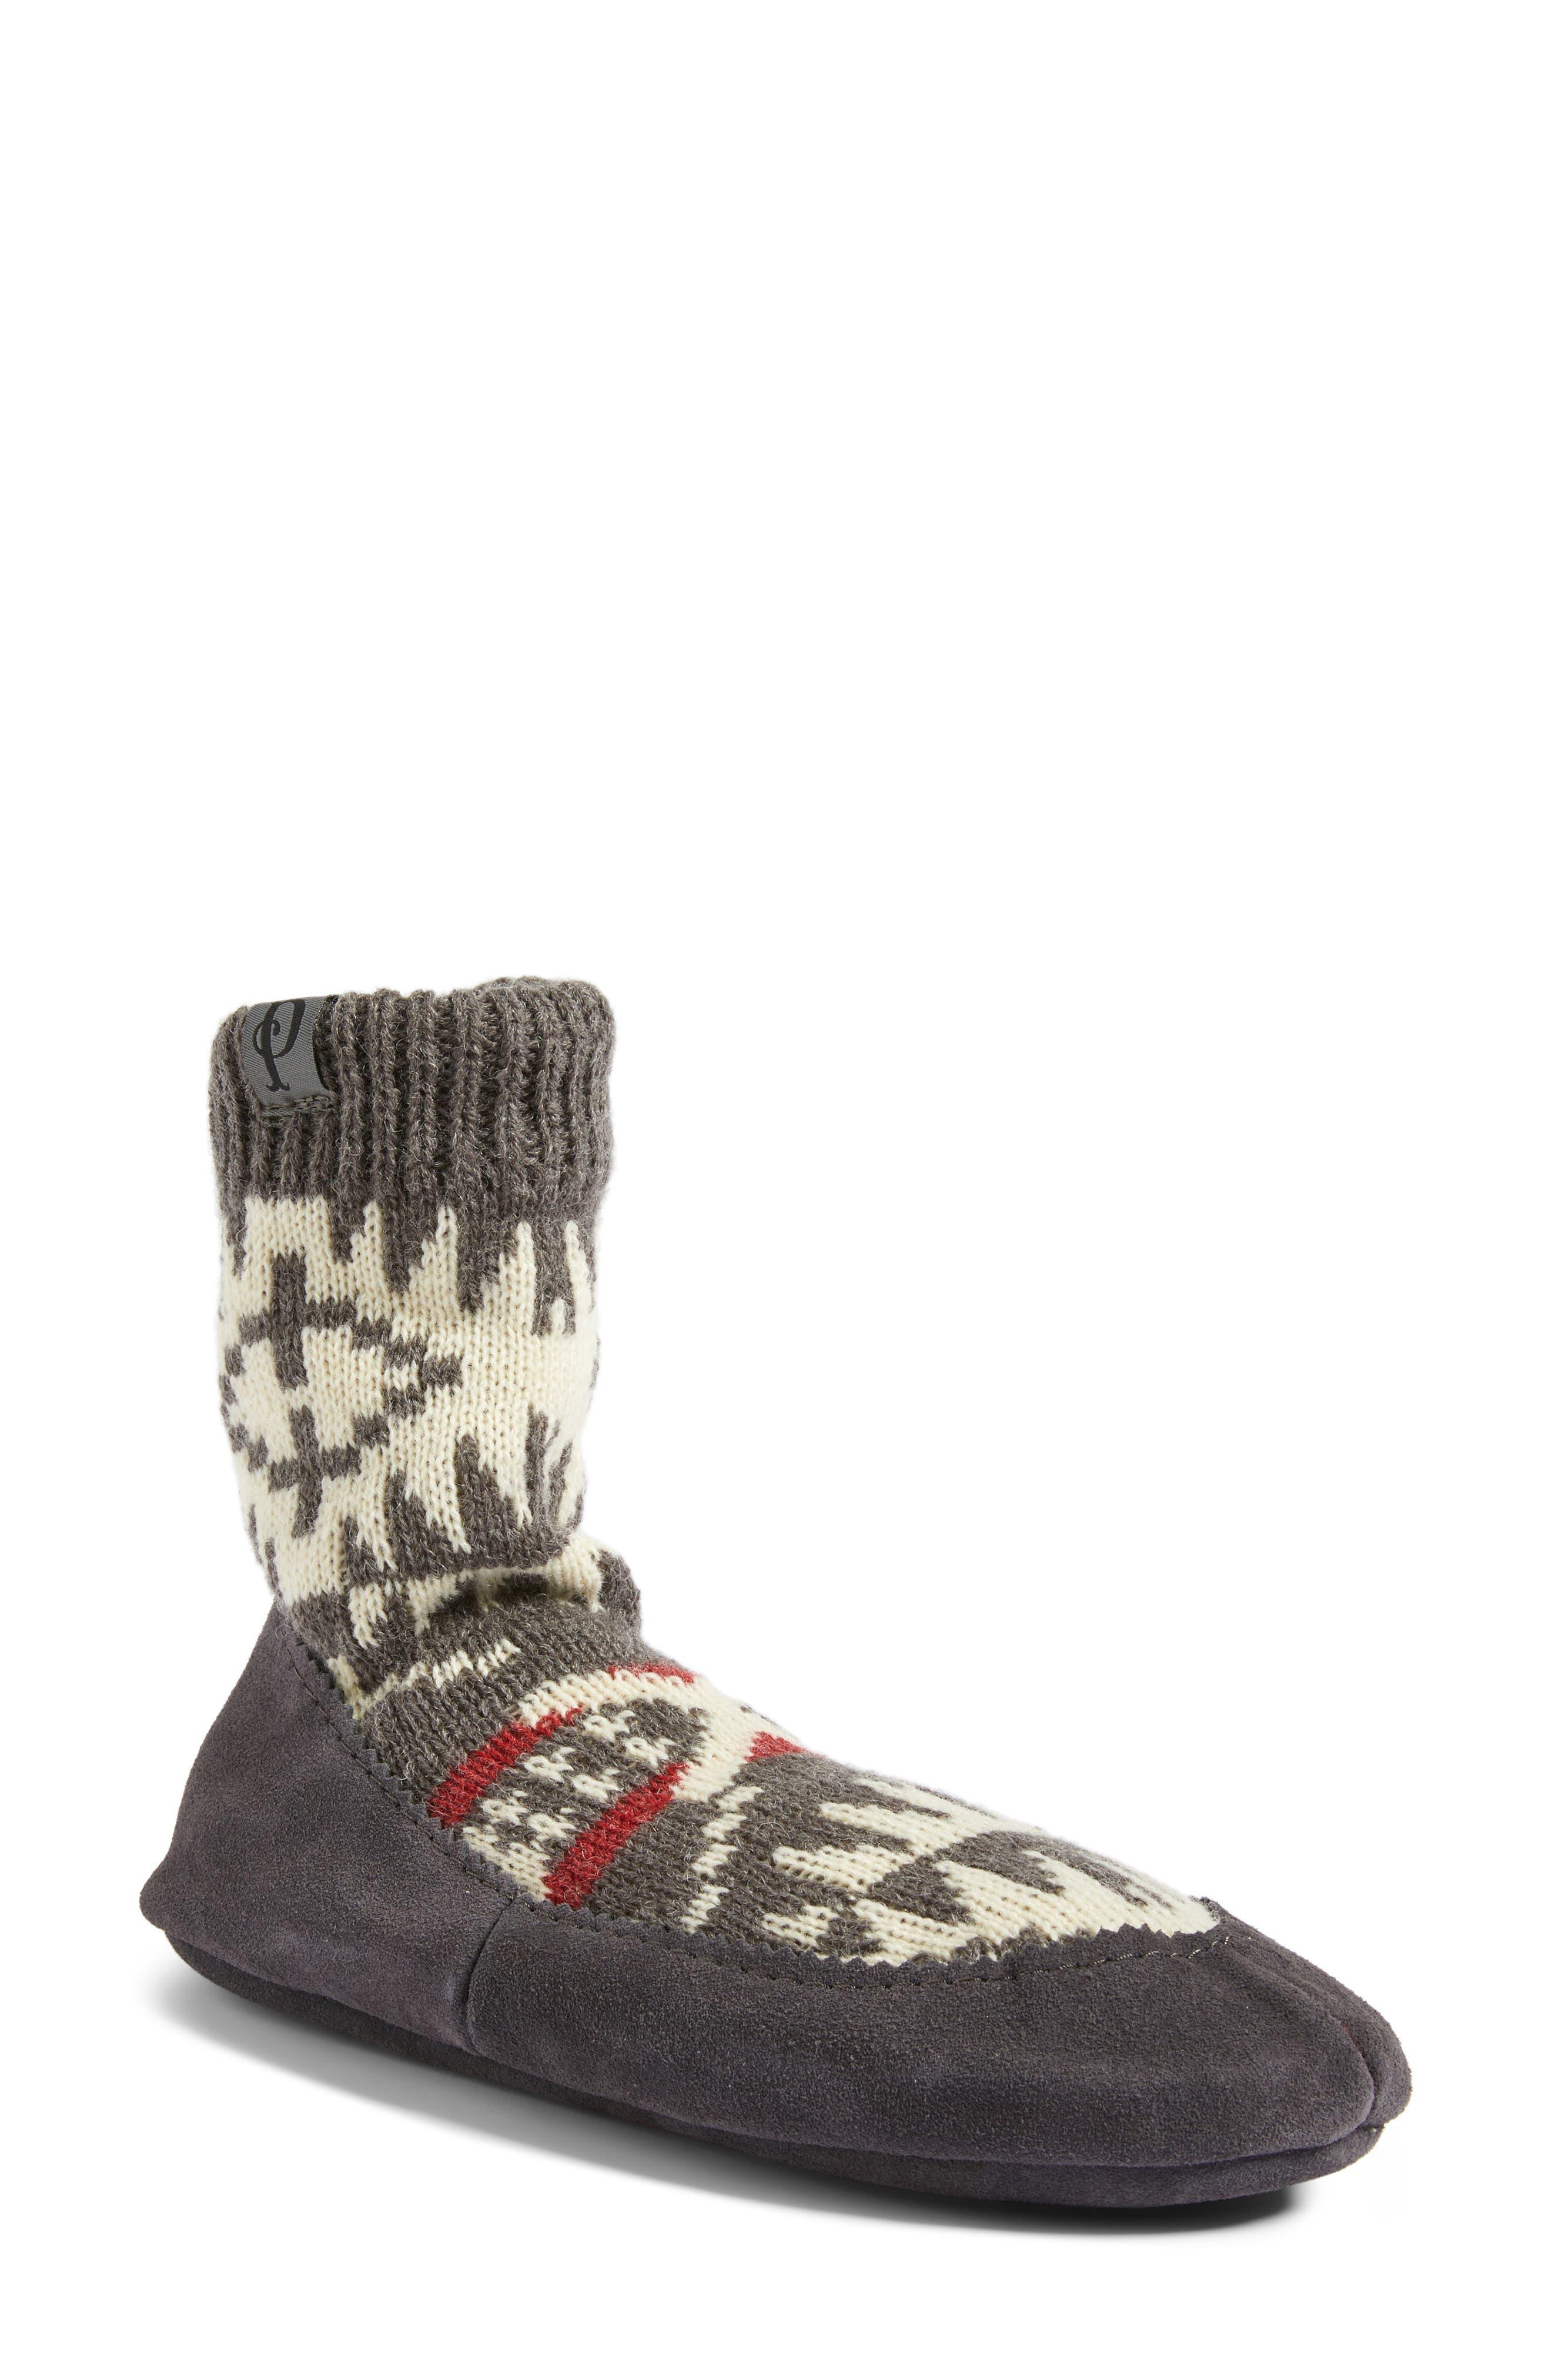 Main Image - Pendleton Spider Rock Homestead Slipper Socks